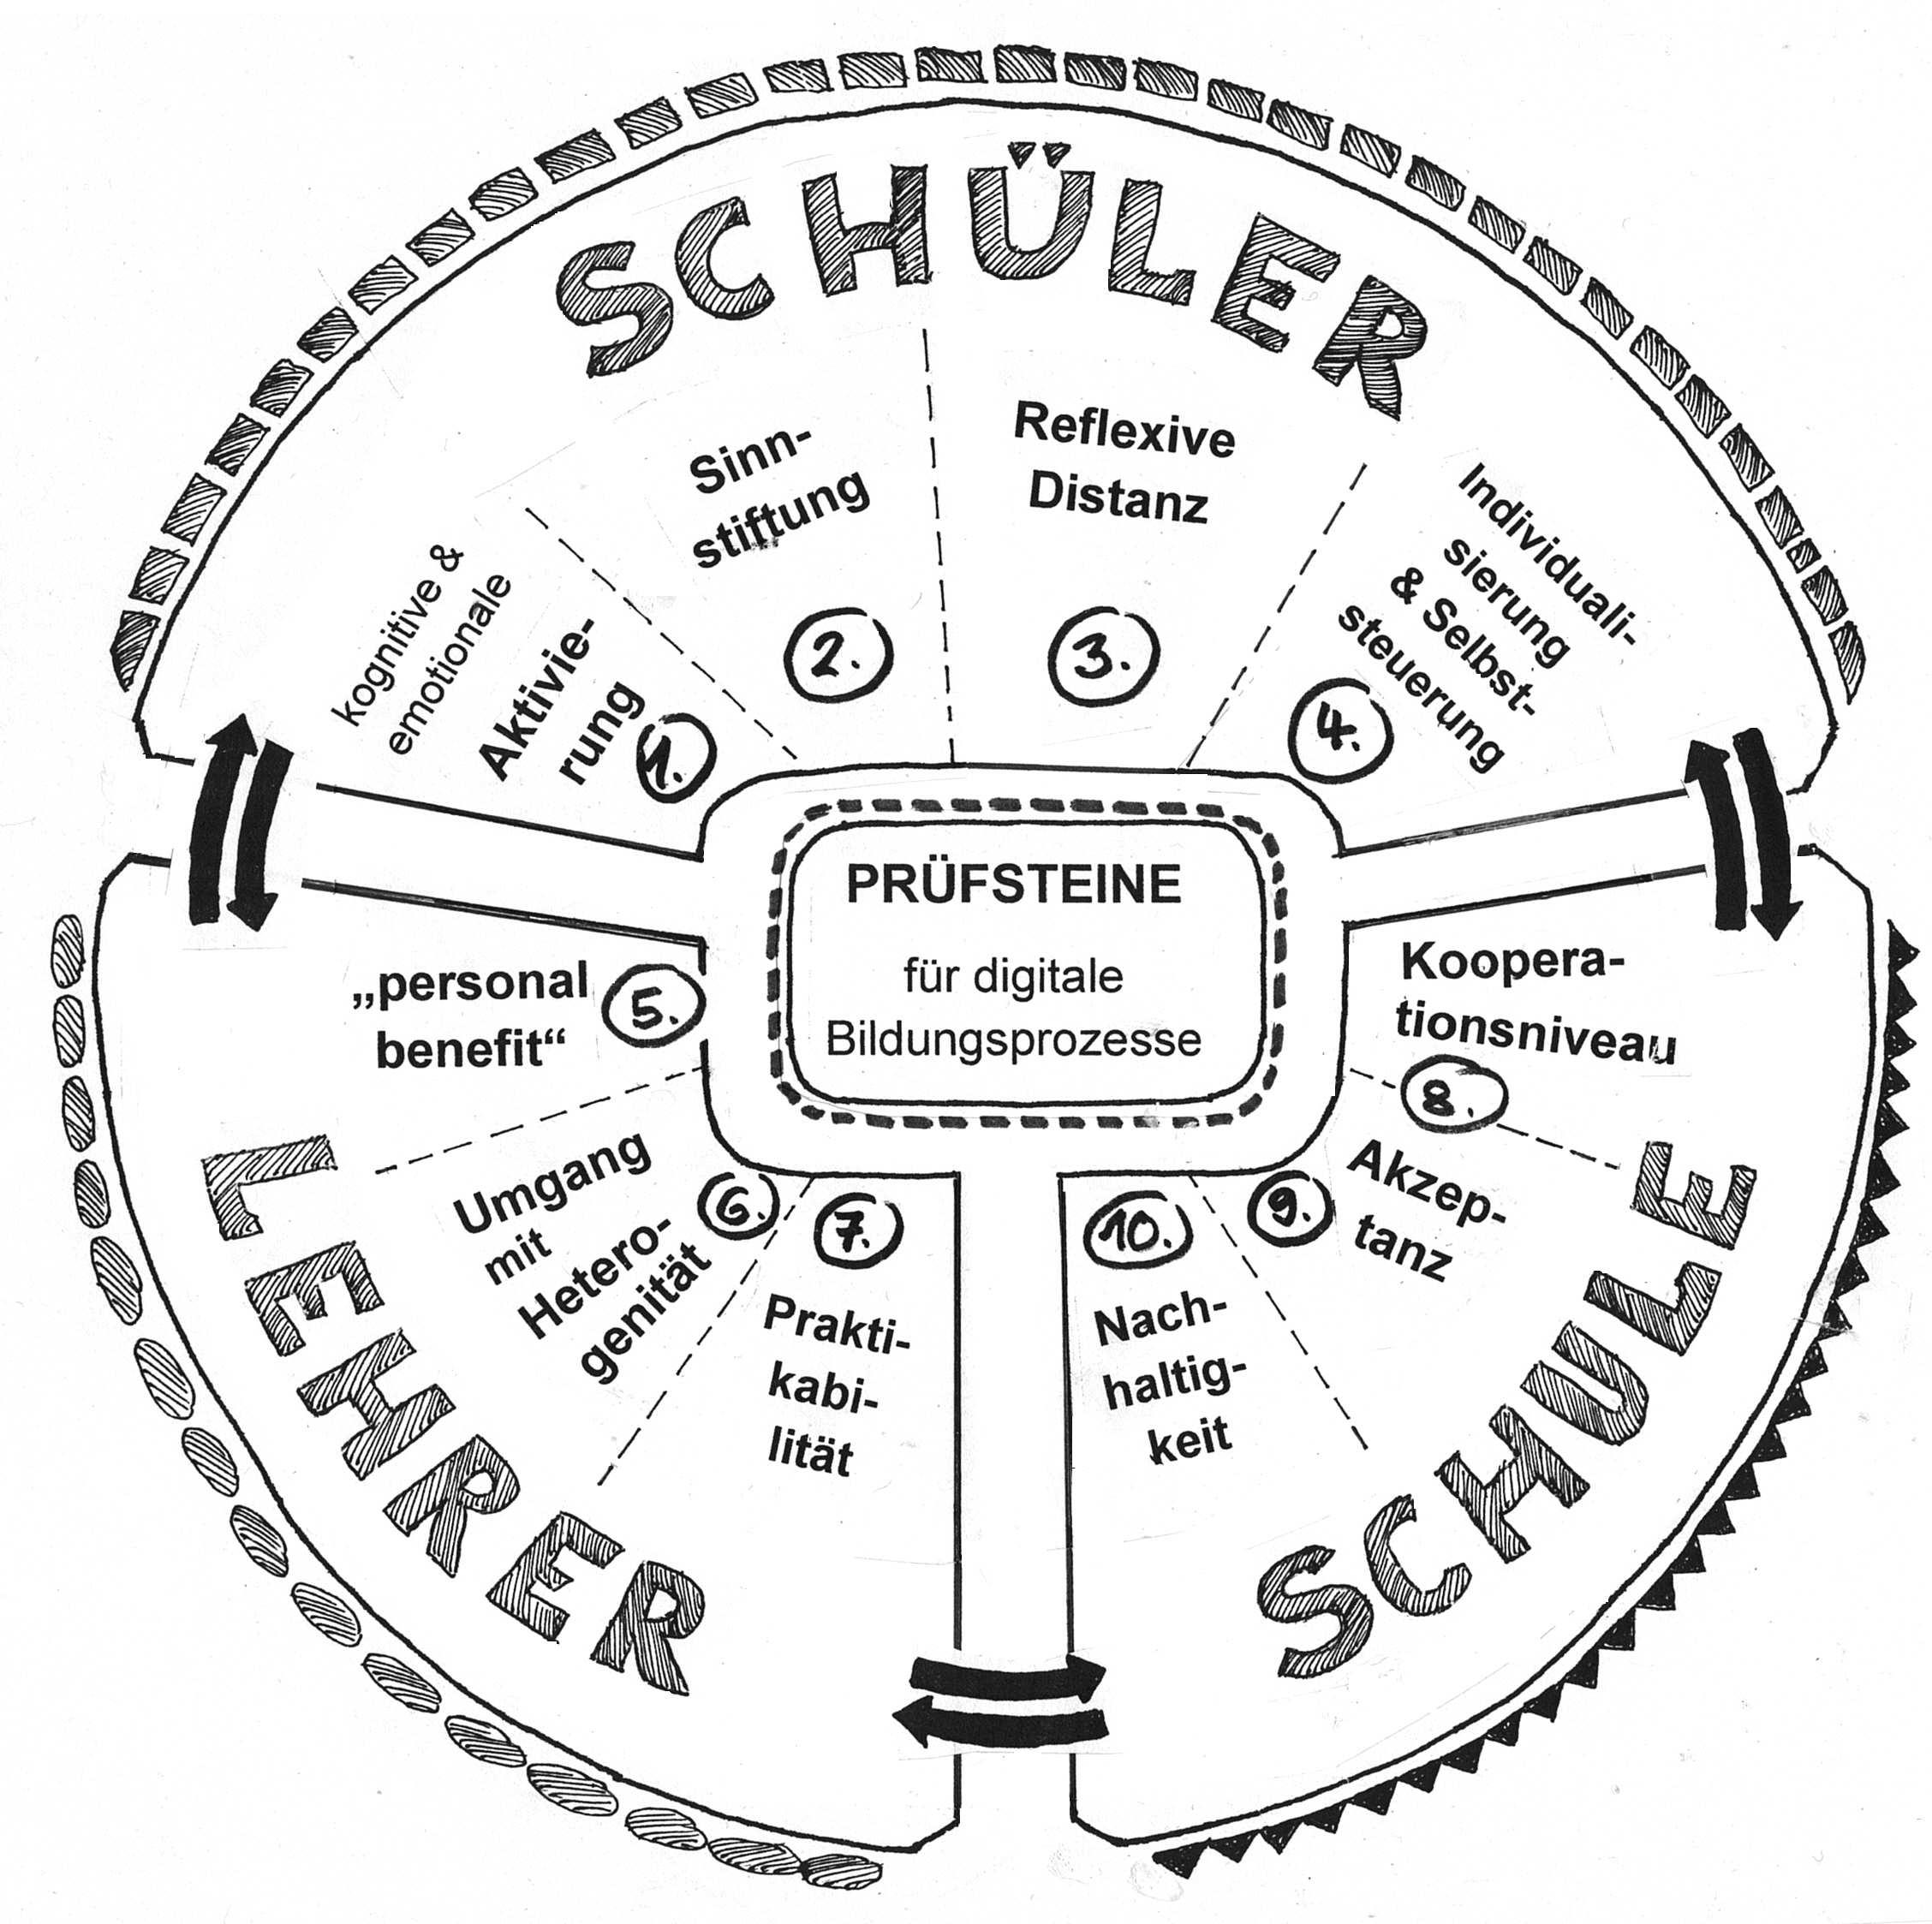 zehnprüfsteine-digitalebildung_HilbertMeyer